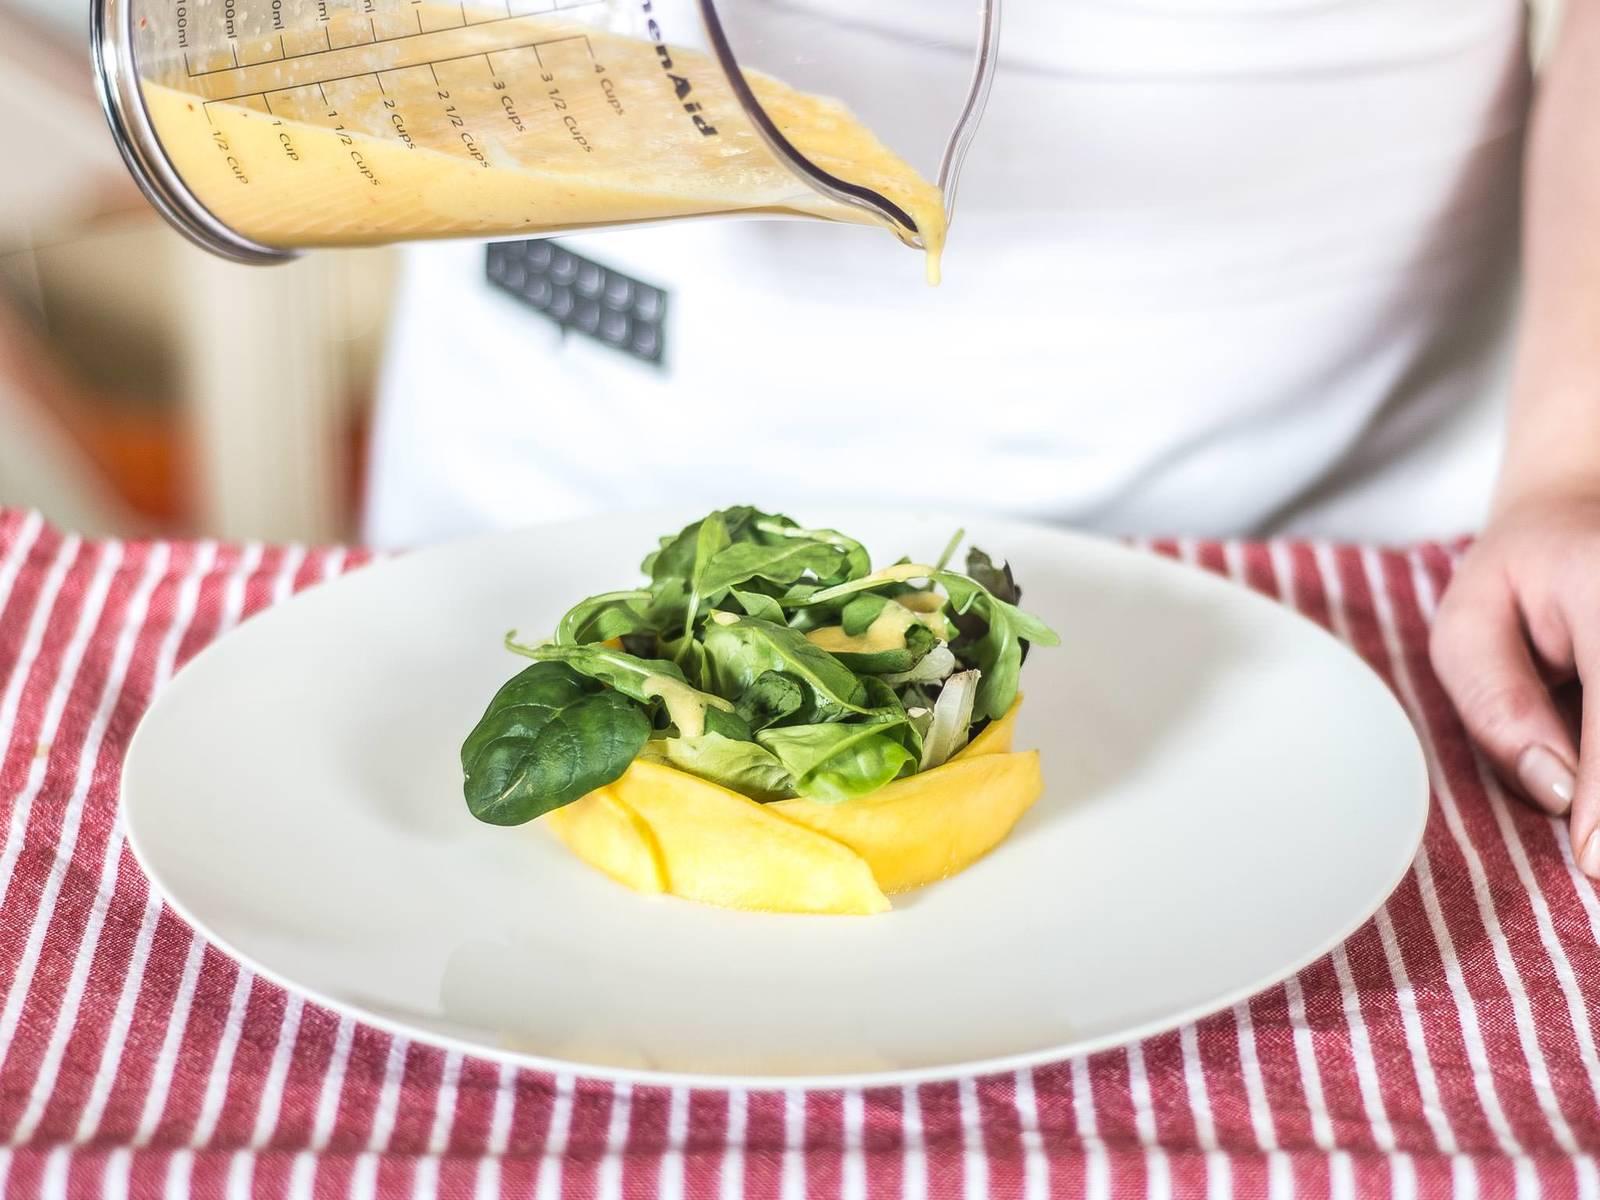 将沙拉菜摆入盘中,淋上调味汁,再撒上烘好的松子仁与爆米花即可享用。